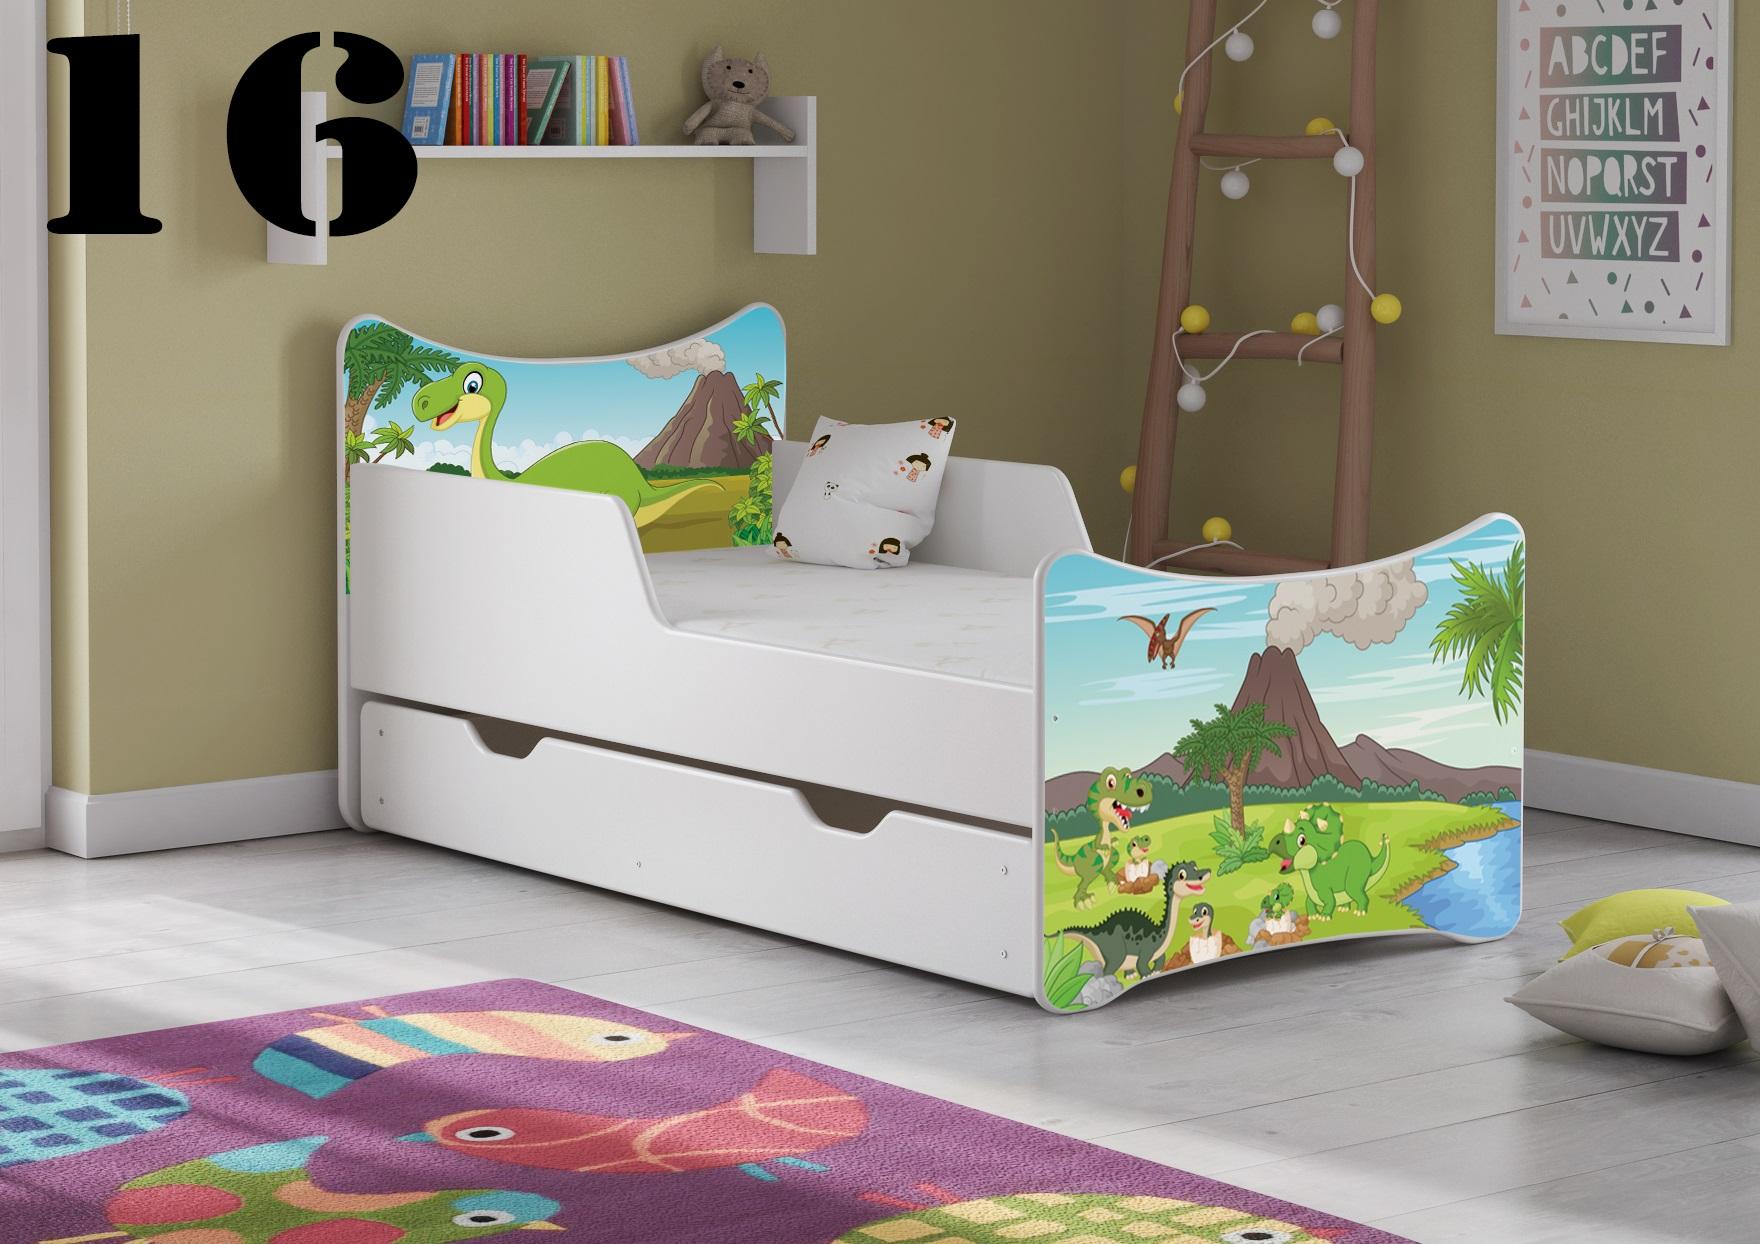 Detská posteľ SMB - zvieratá Prevedenie: Obrázok č.16